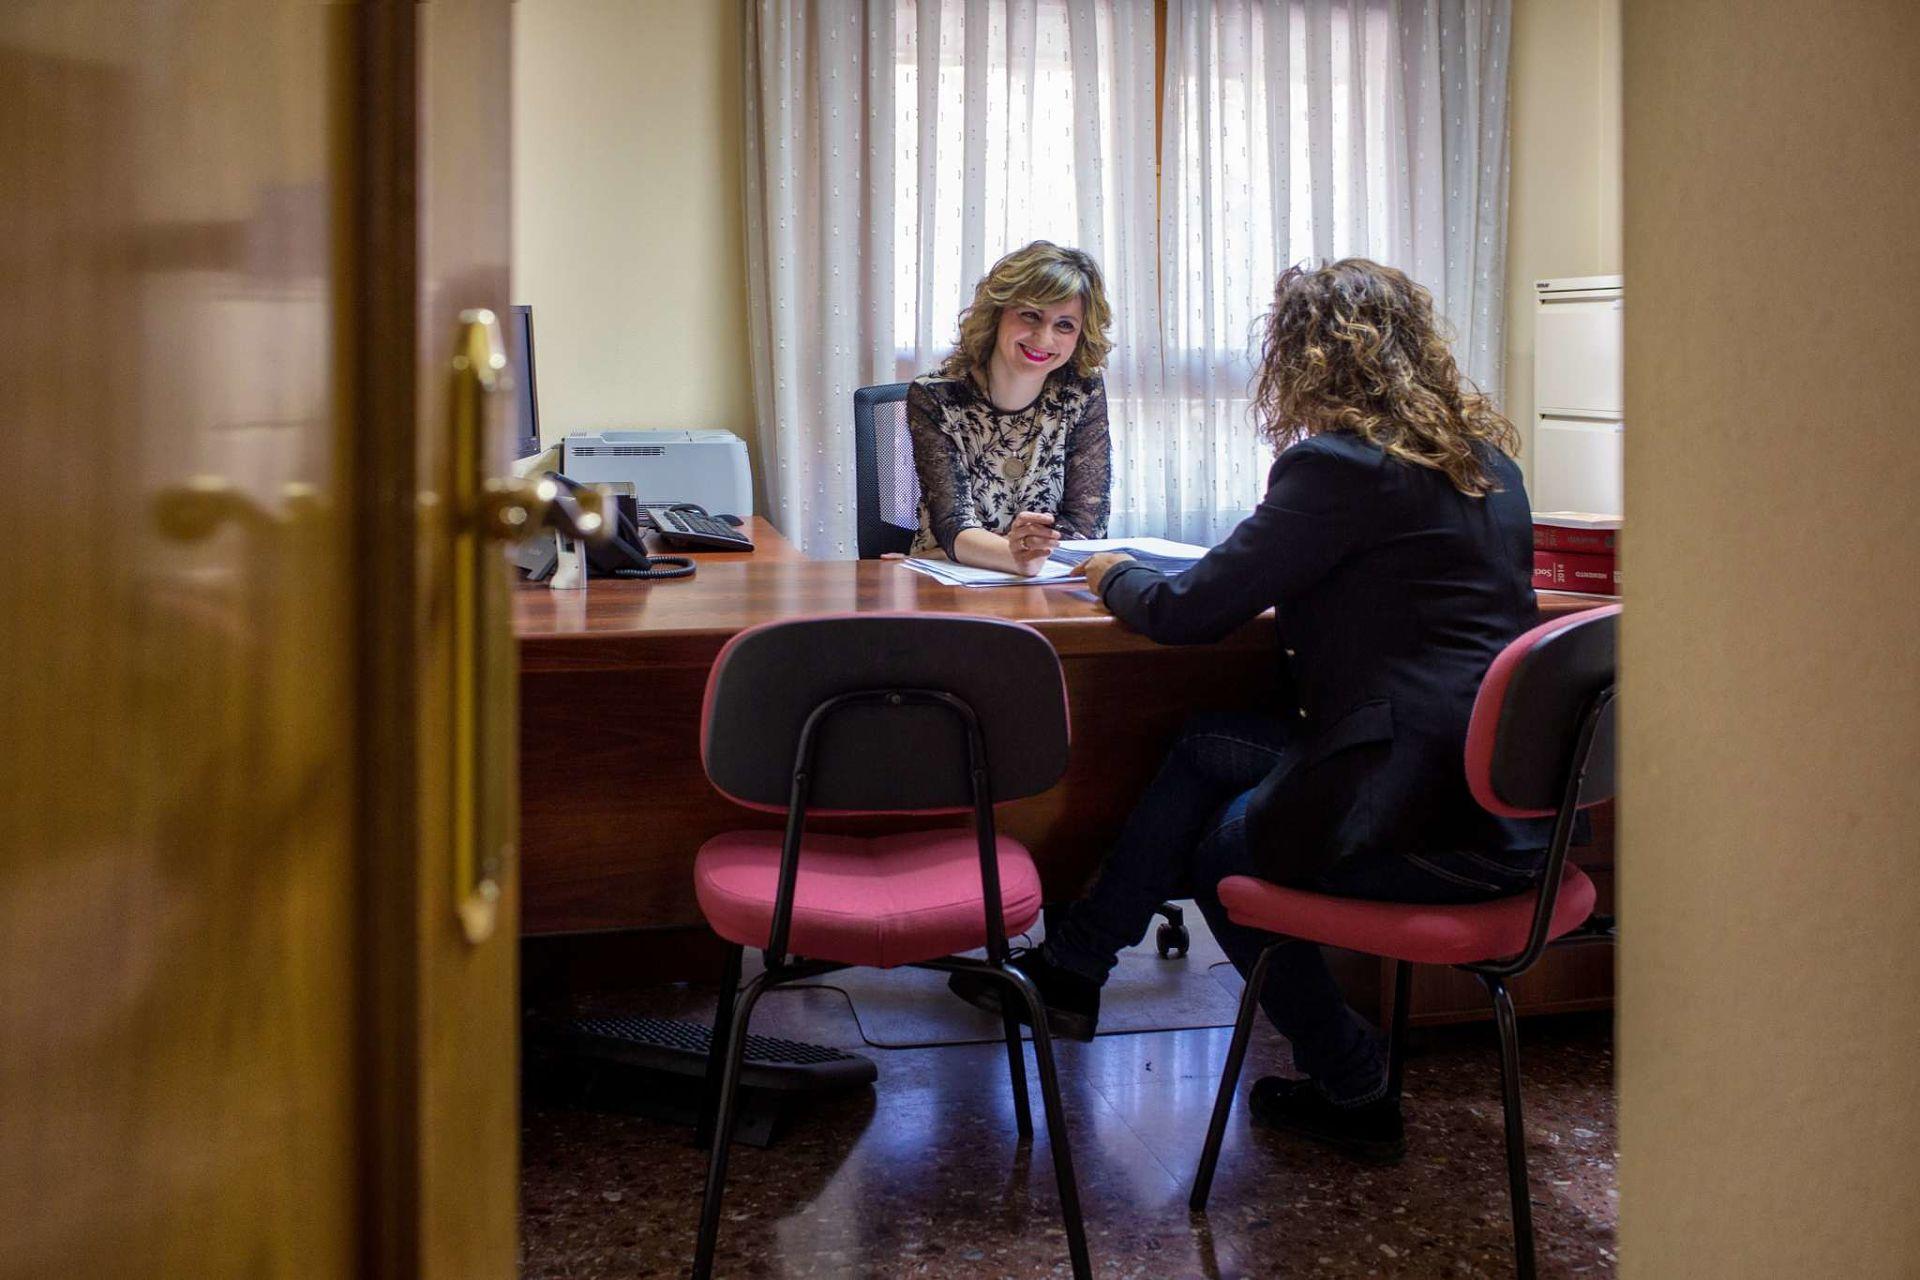 Nuestro despacho 3-min_opt